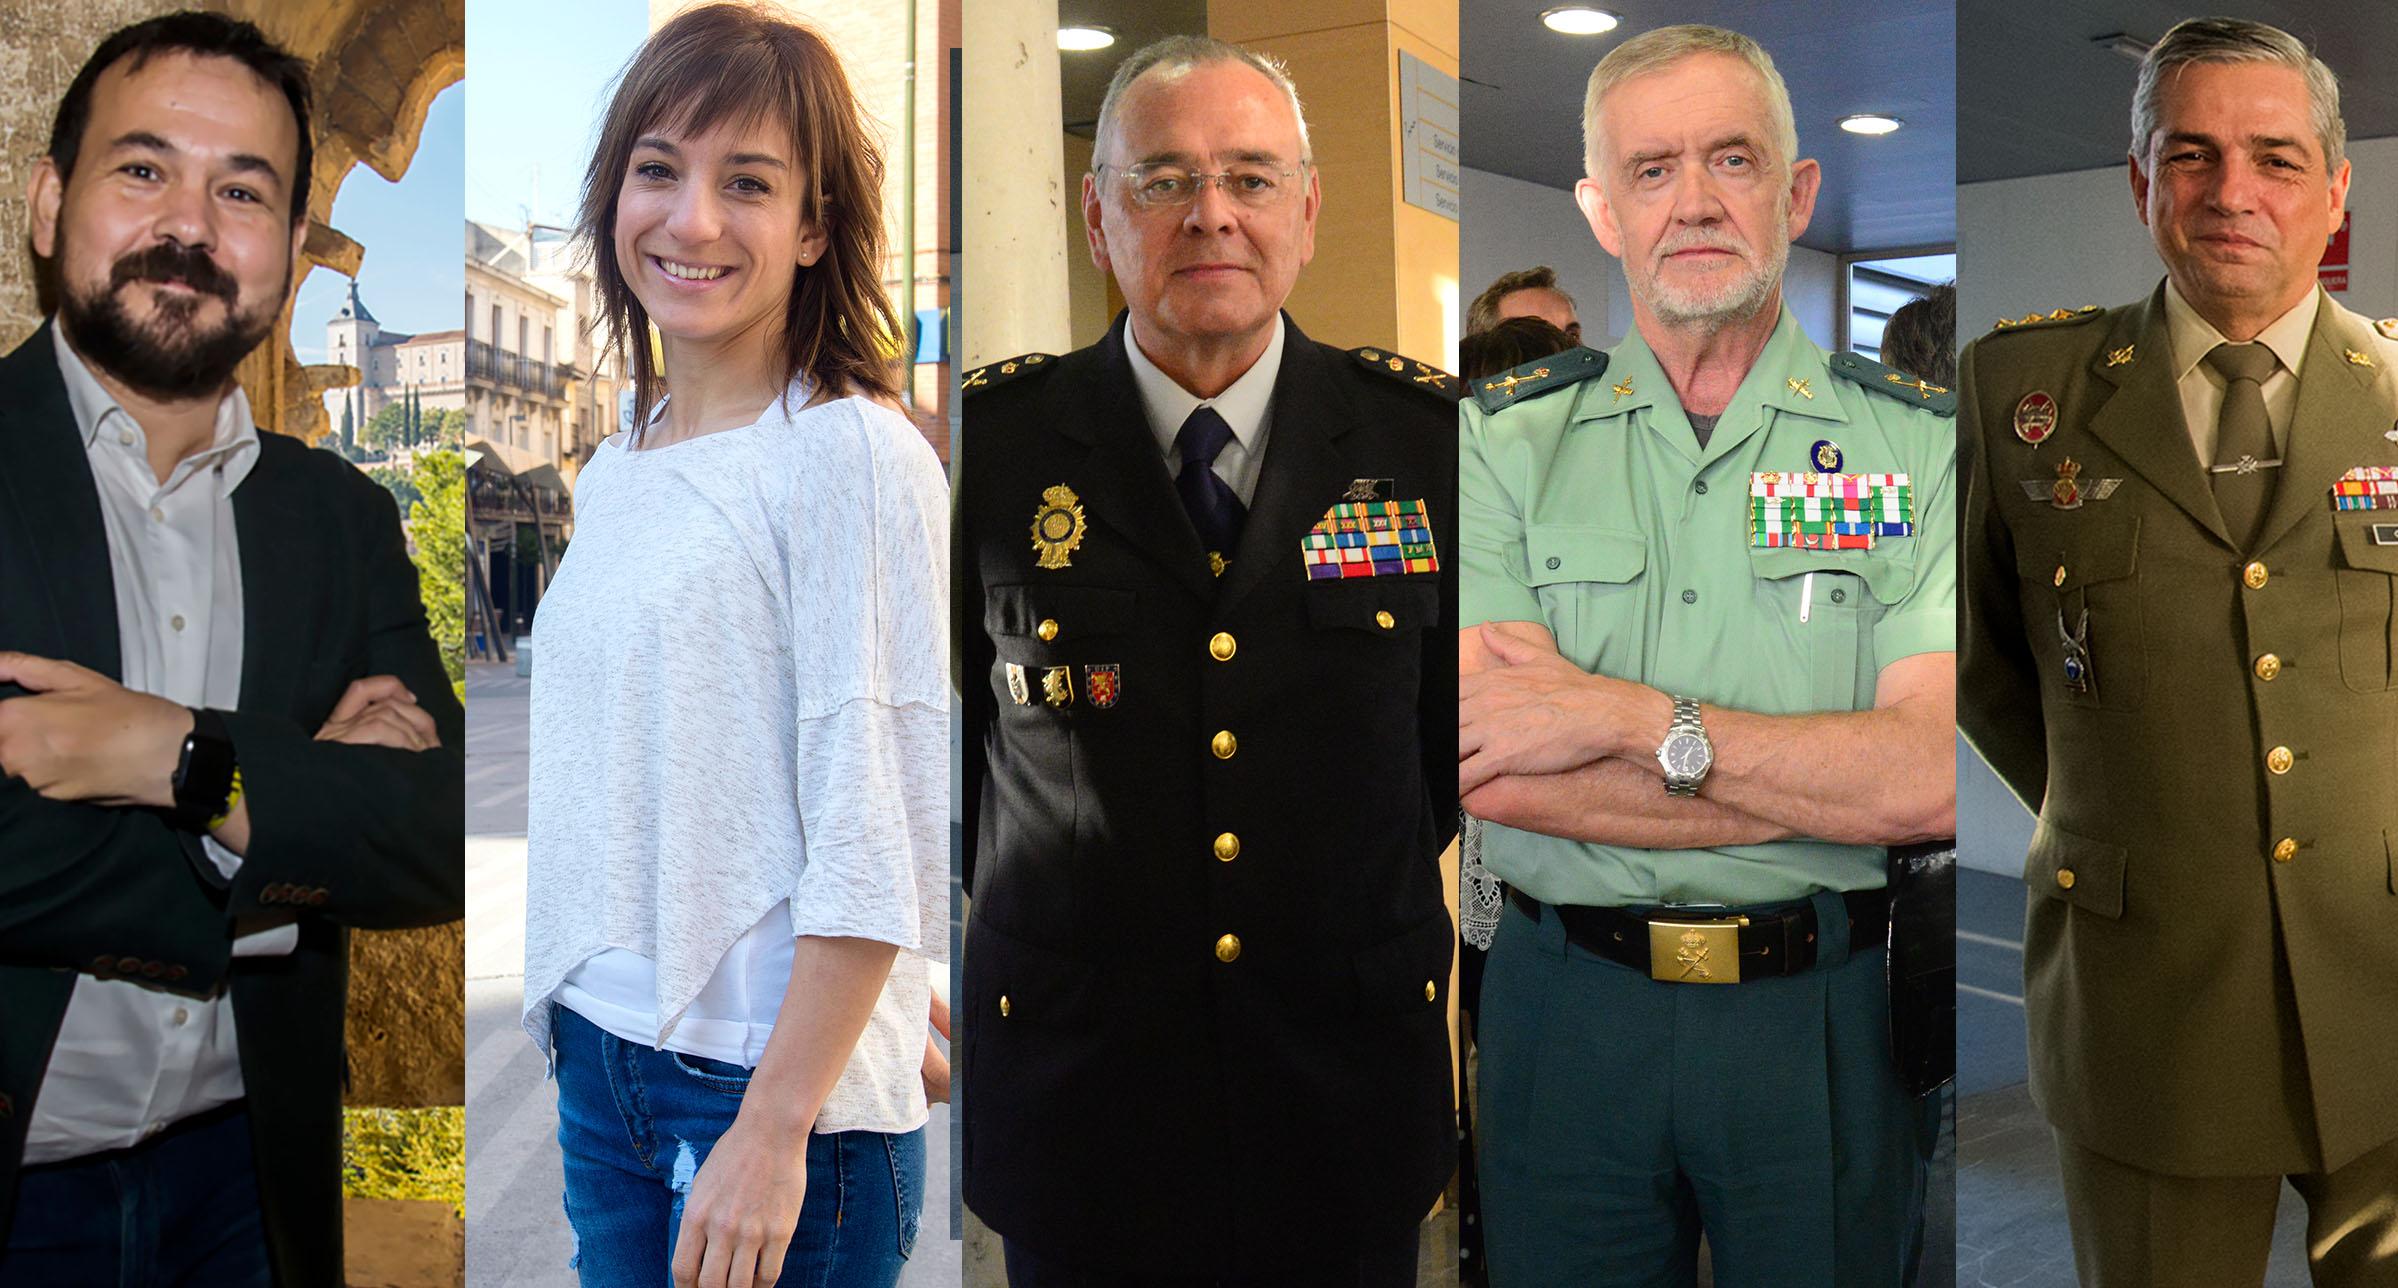 Juan Ramón Amores, Sandra Sánchez, Félix Antolín, Manuel Llamas y Javier Gallegos. encastillalamancha